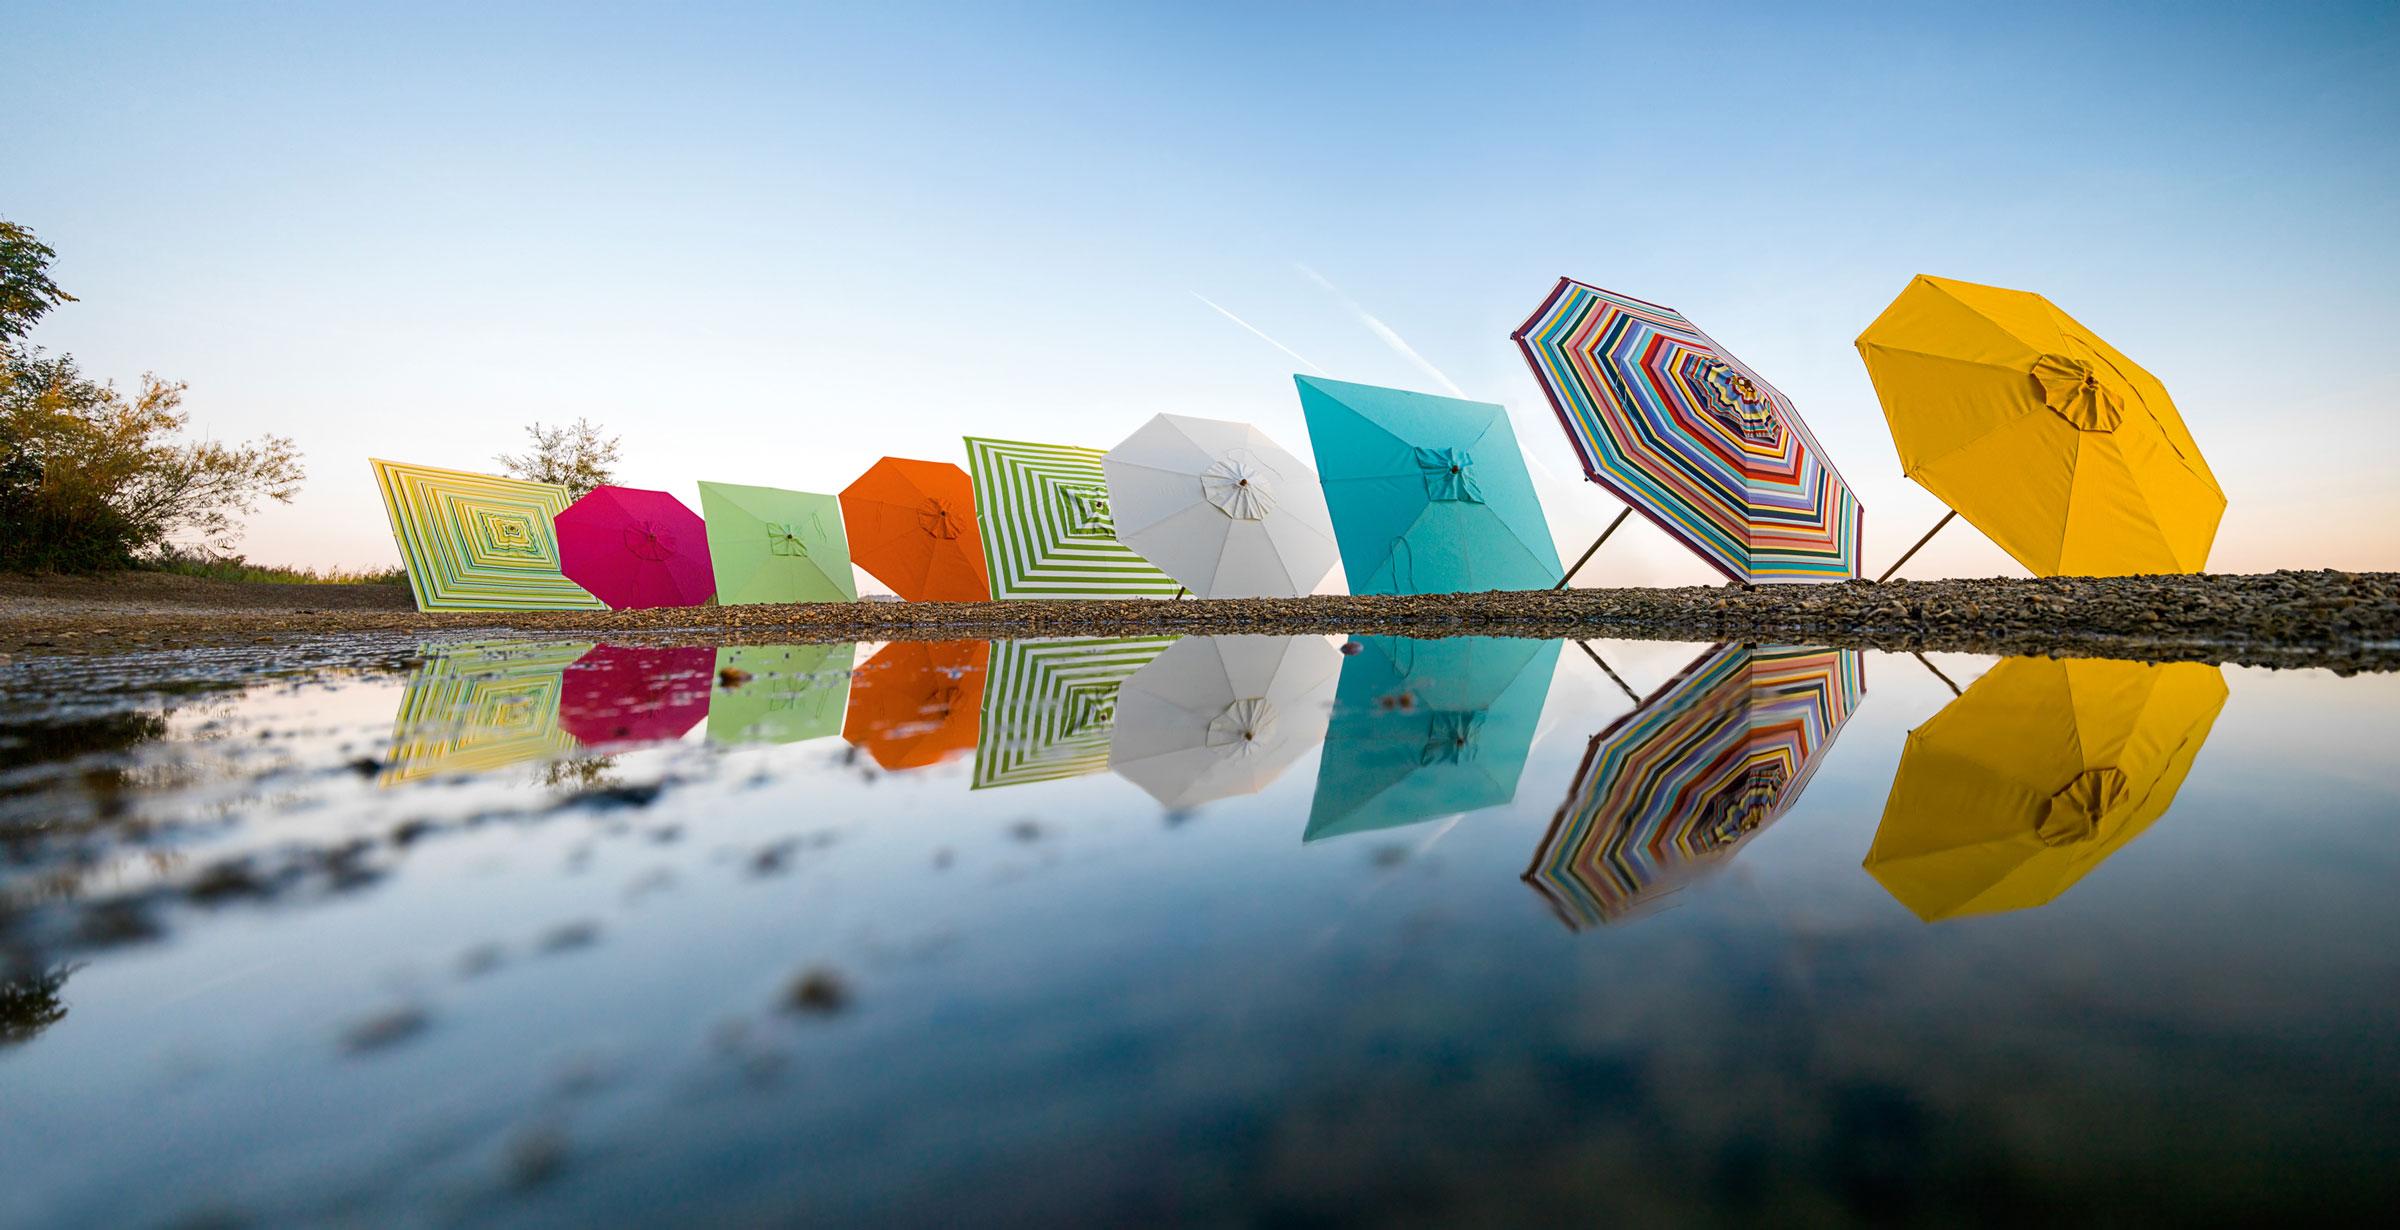 hauser-design-weishaeupl-klassiker-schirme-alle-farben